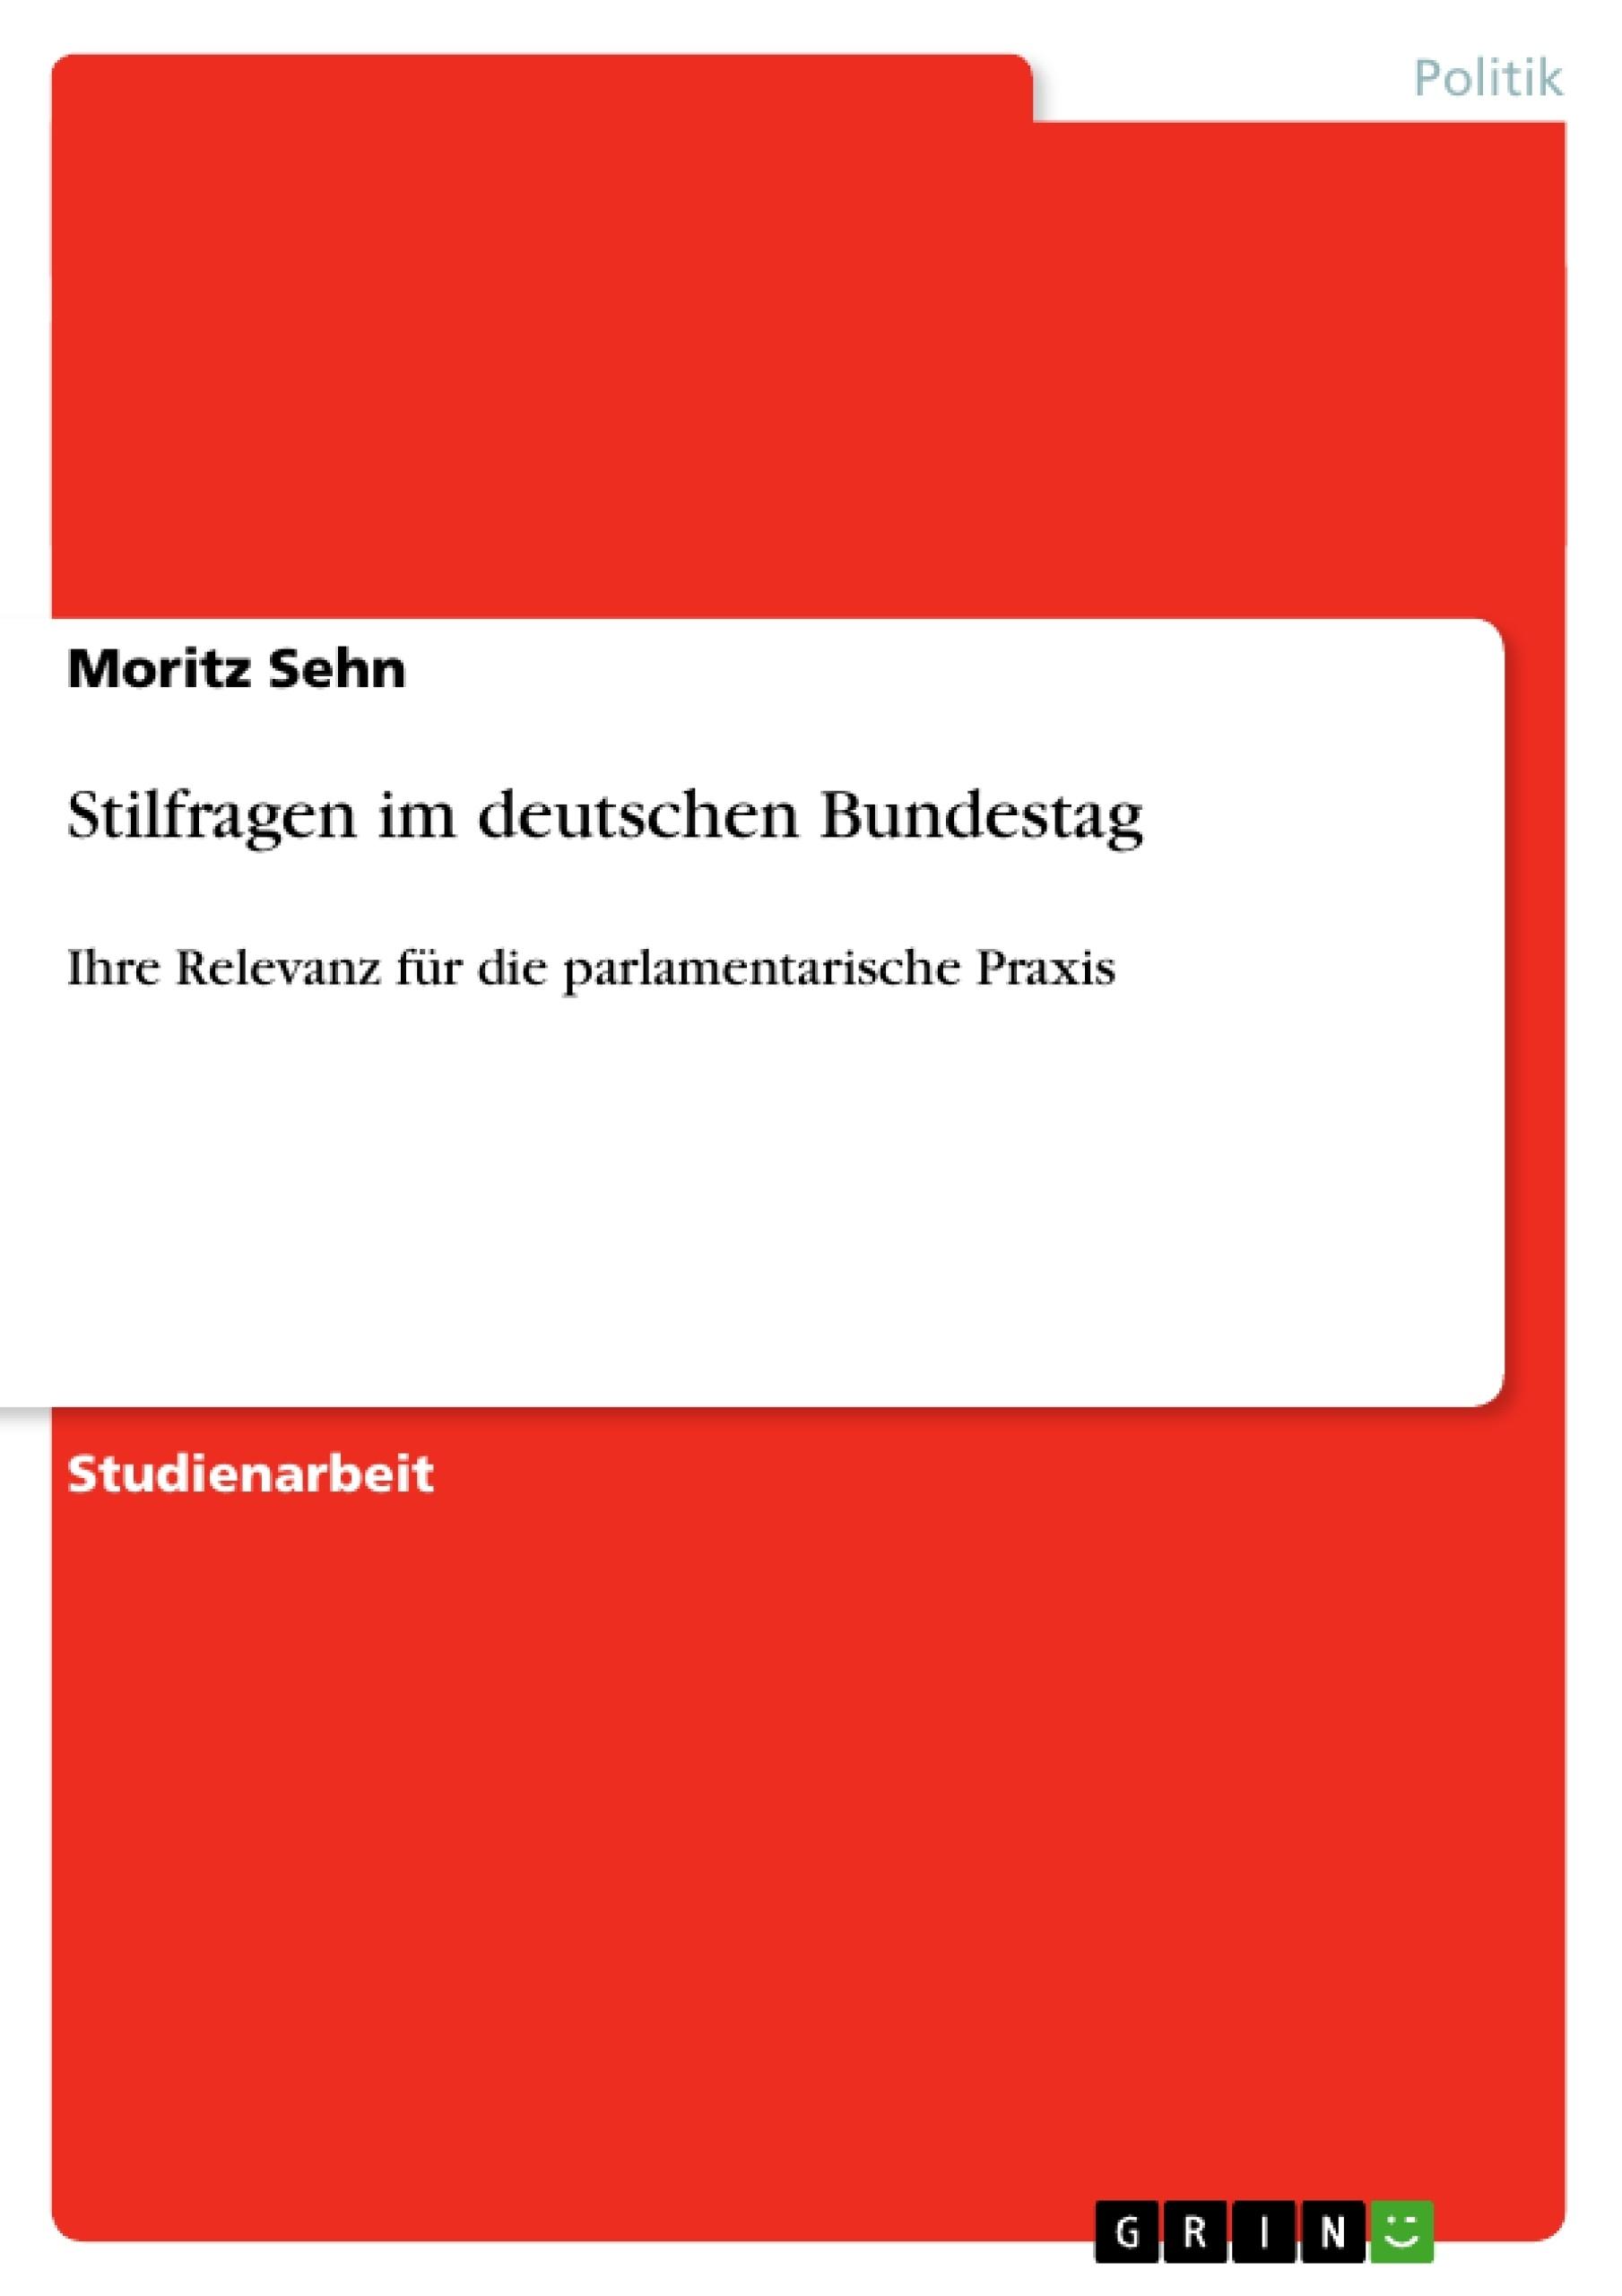 Titel: Stilfragen im deutschen Bundestag